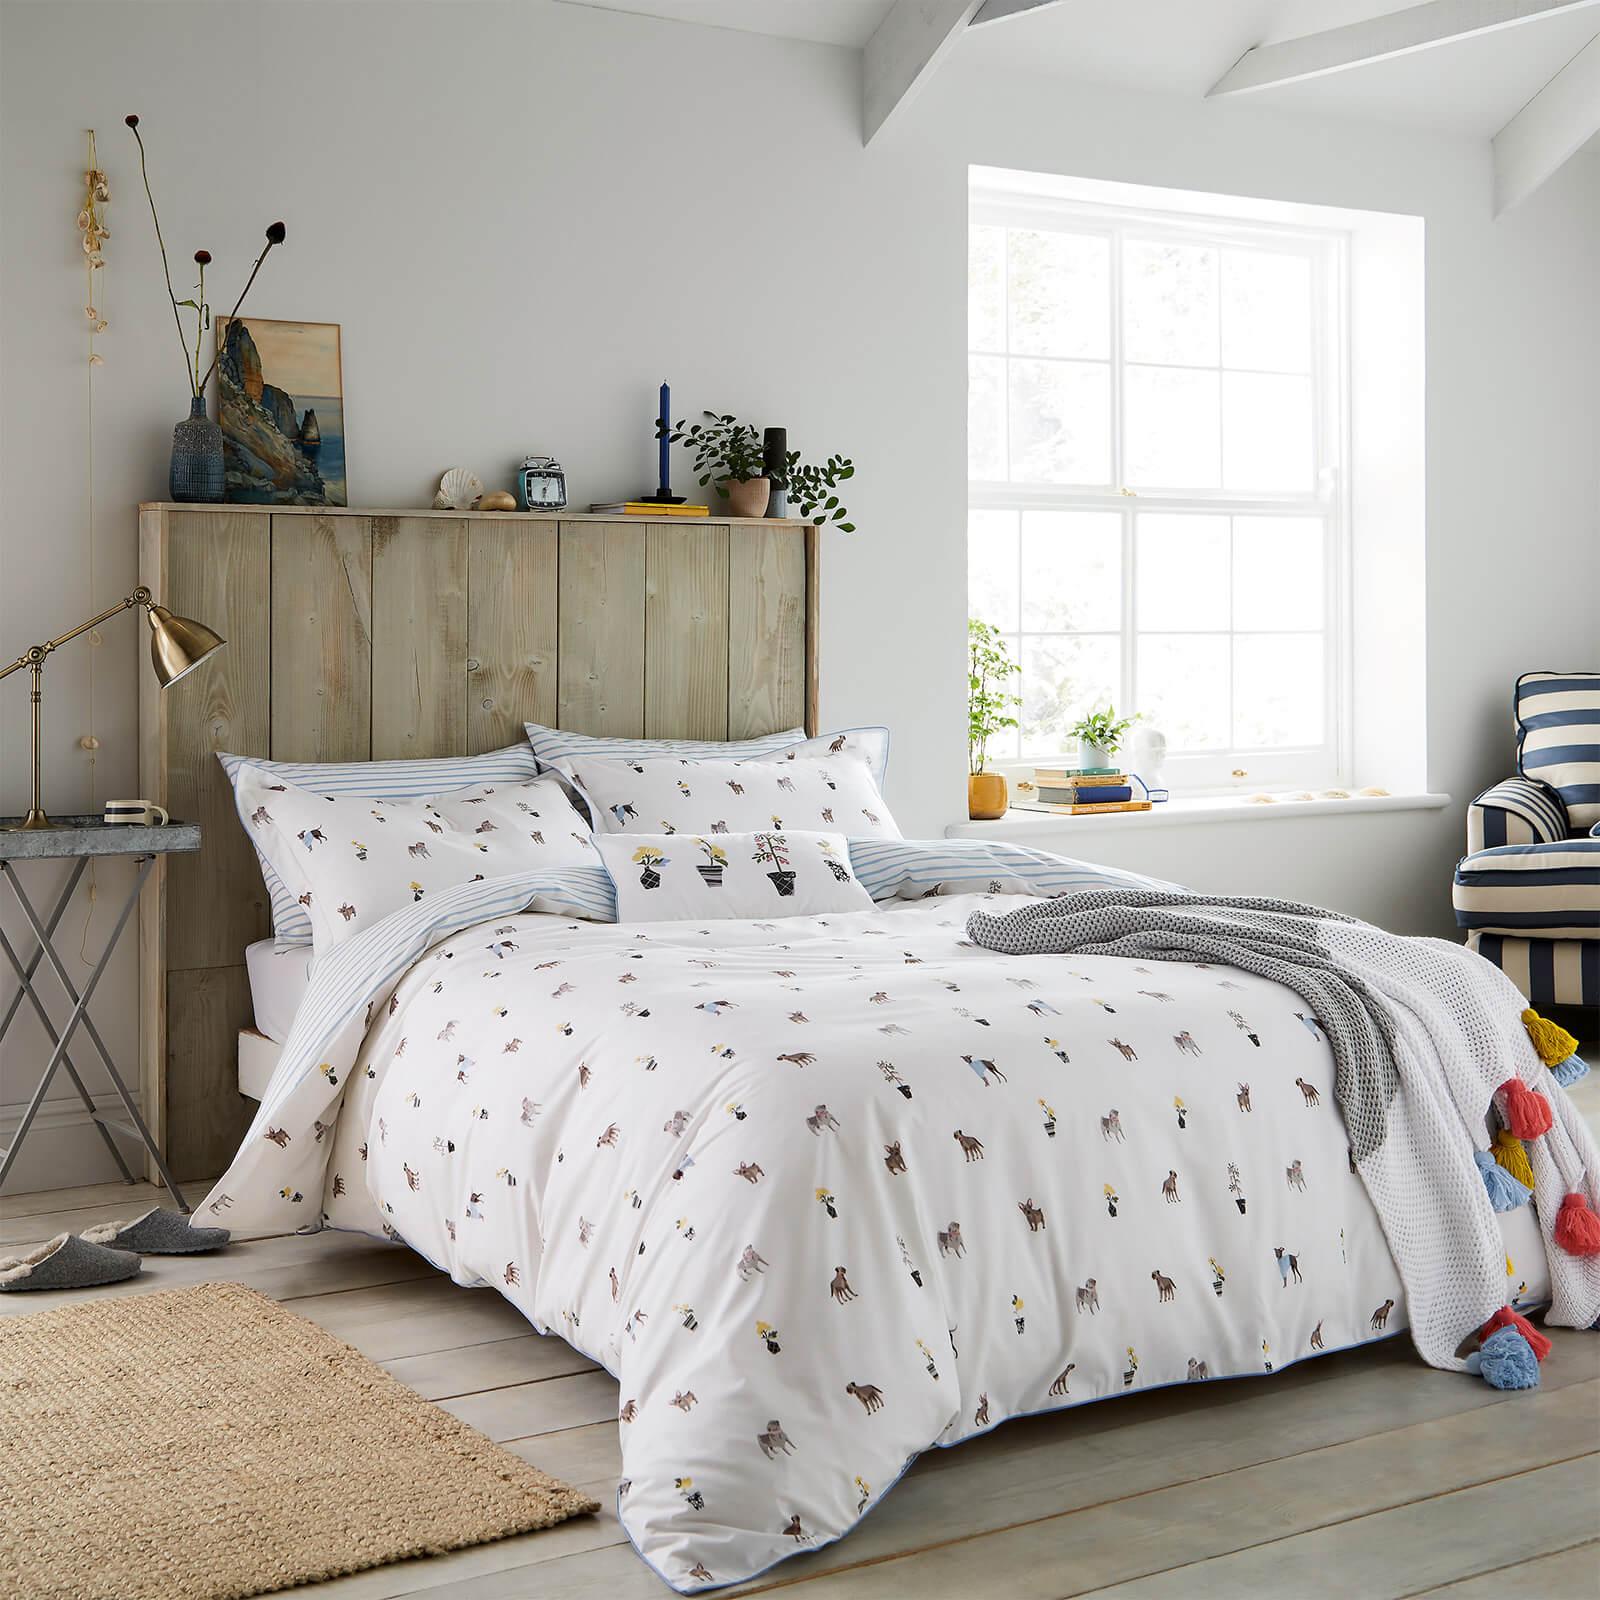 Joules Garden Dogs Duvet Cover - White - Super King